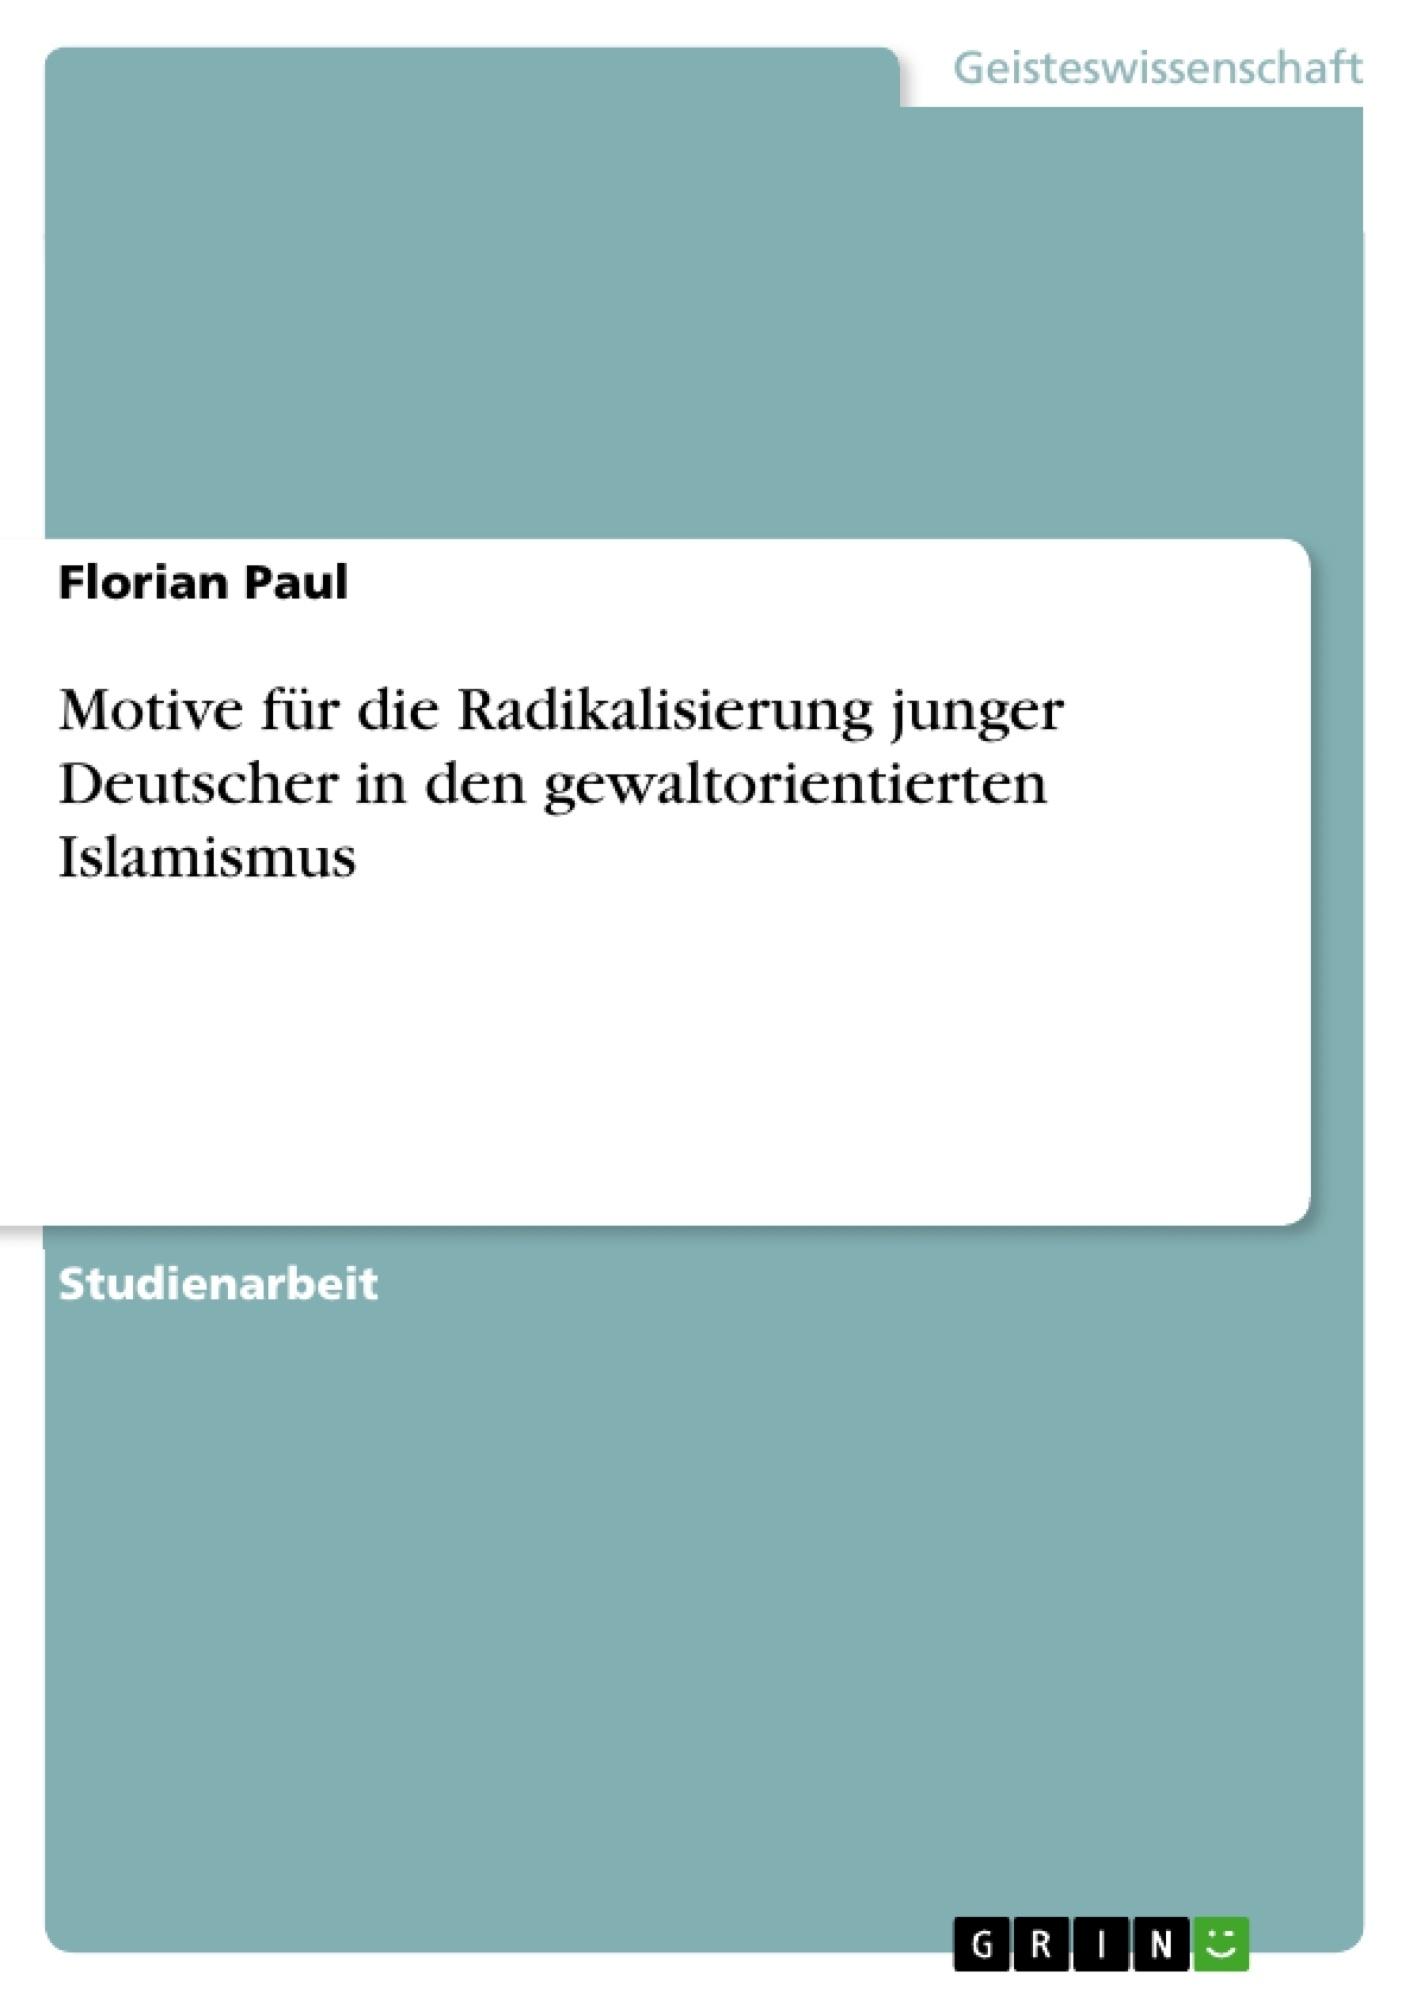 Titel: Motive für die Radikalisierung junger Deutscher in den gewaltorientierten Islamismus